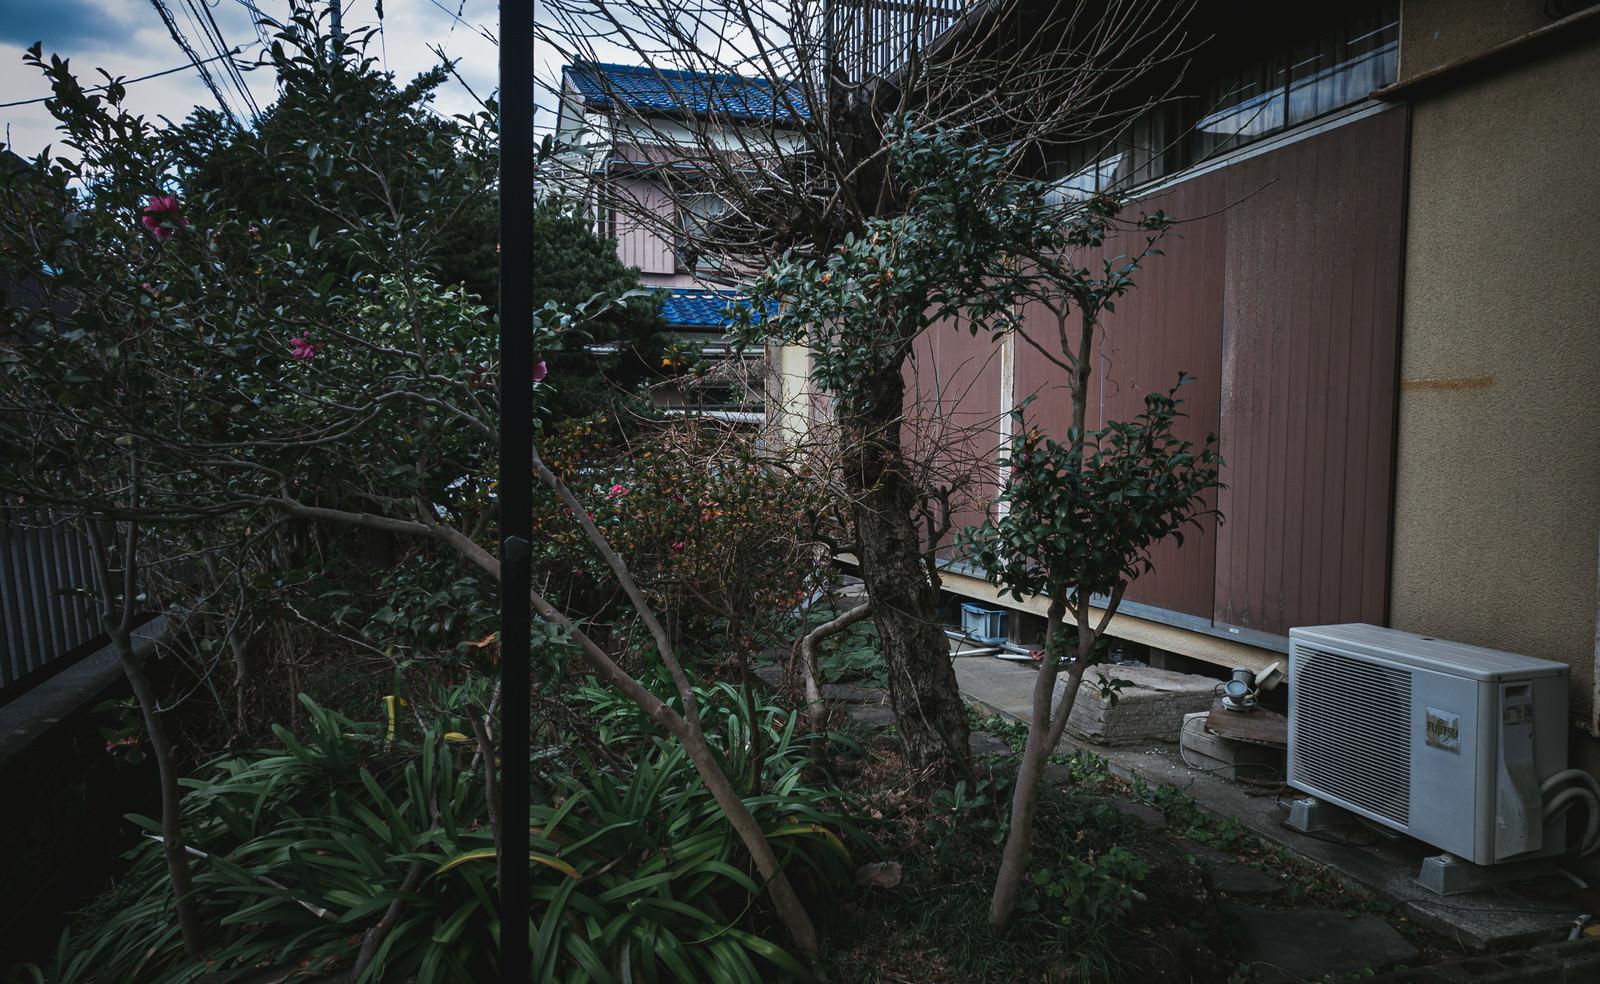 「雨戸が閉まった空き家の様子」の写真